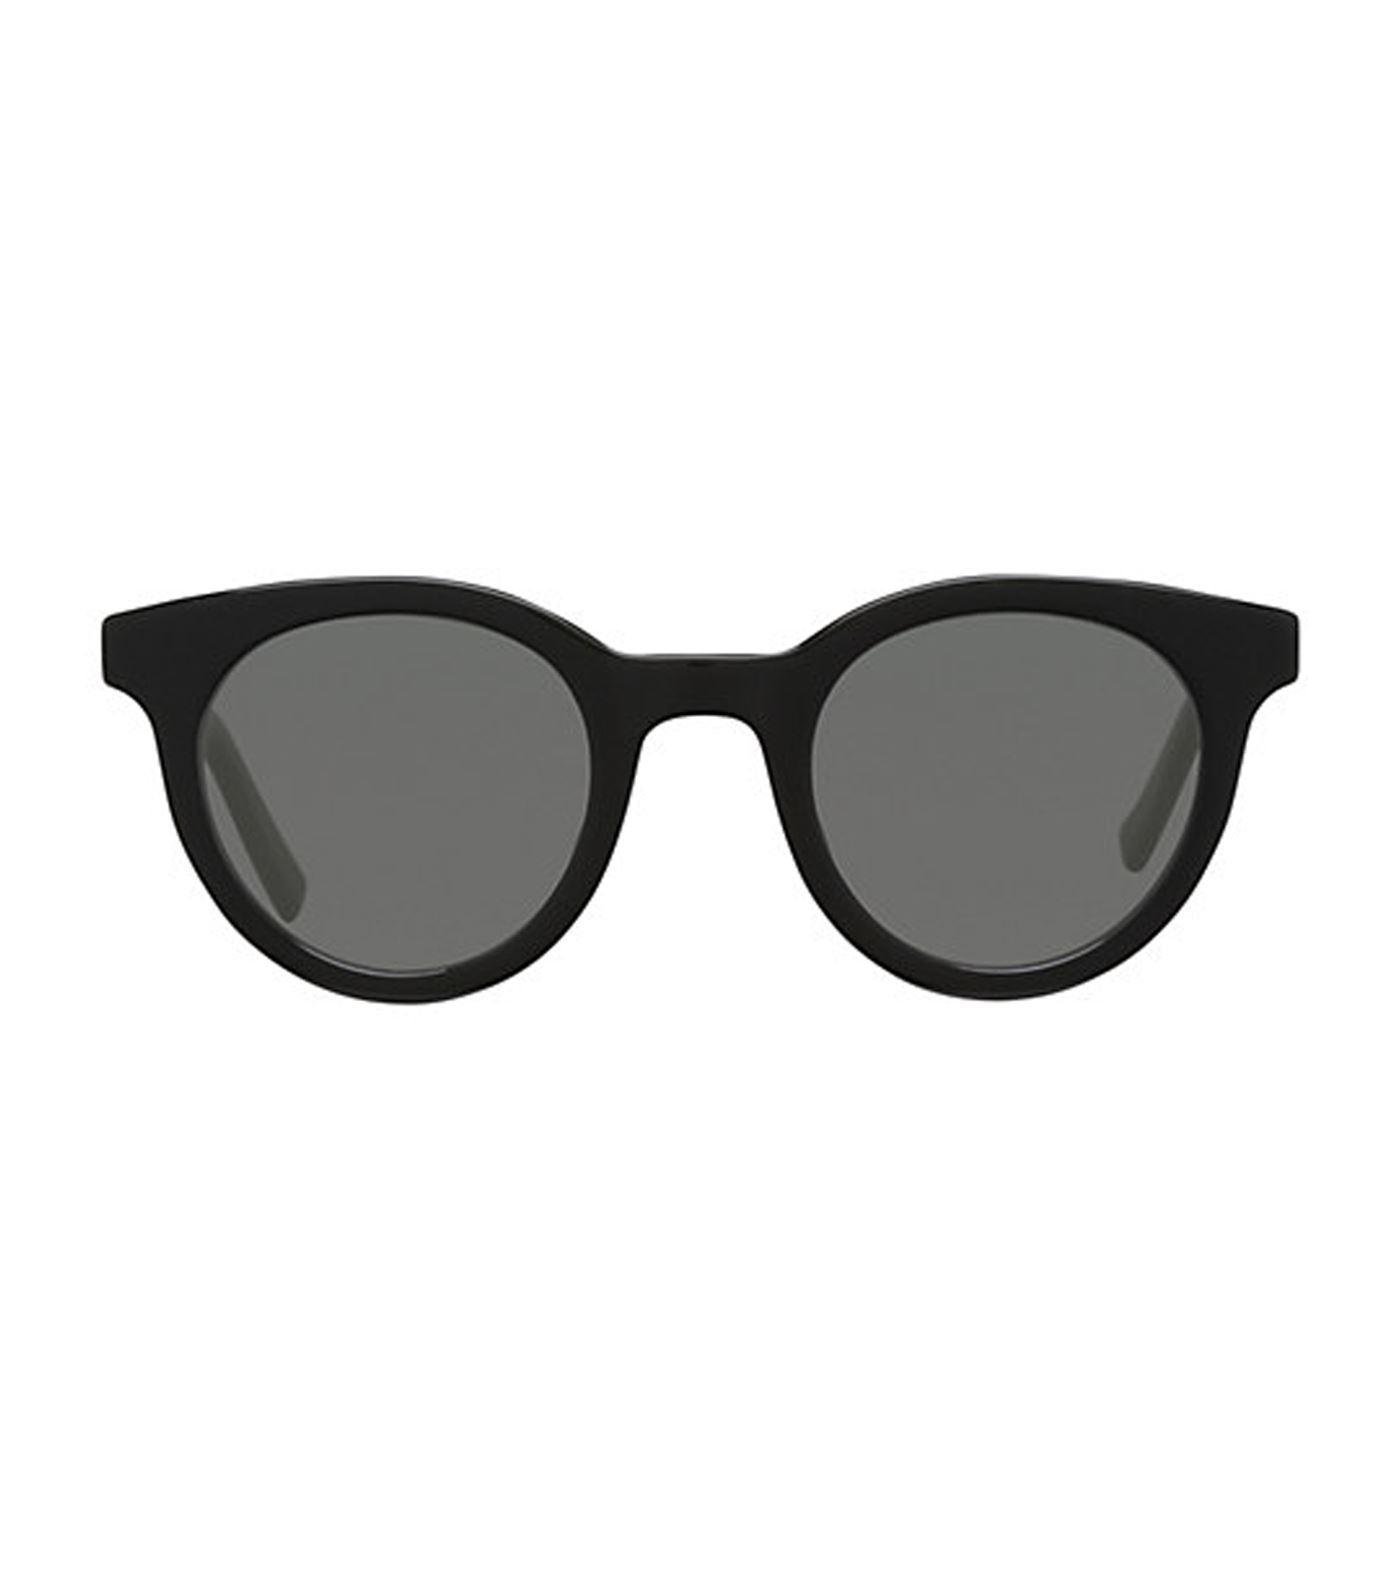 ecea7e9e6df8c Dior Blossom Square Acetate Sunglasses In Harrods